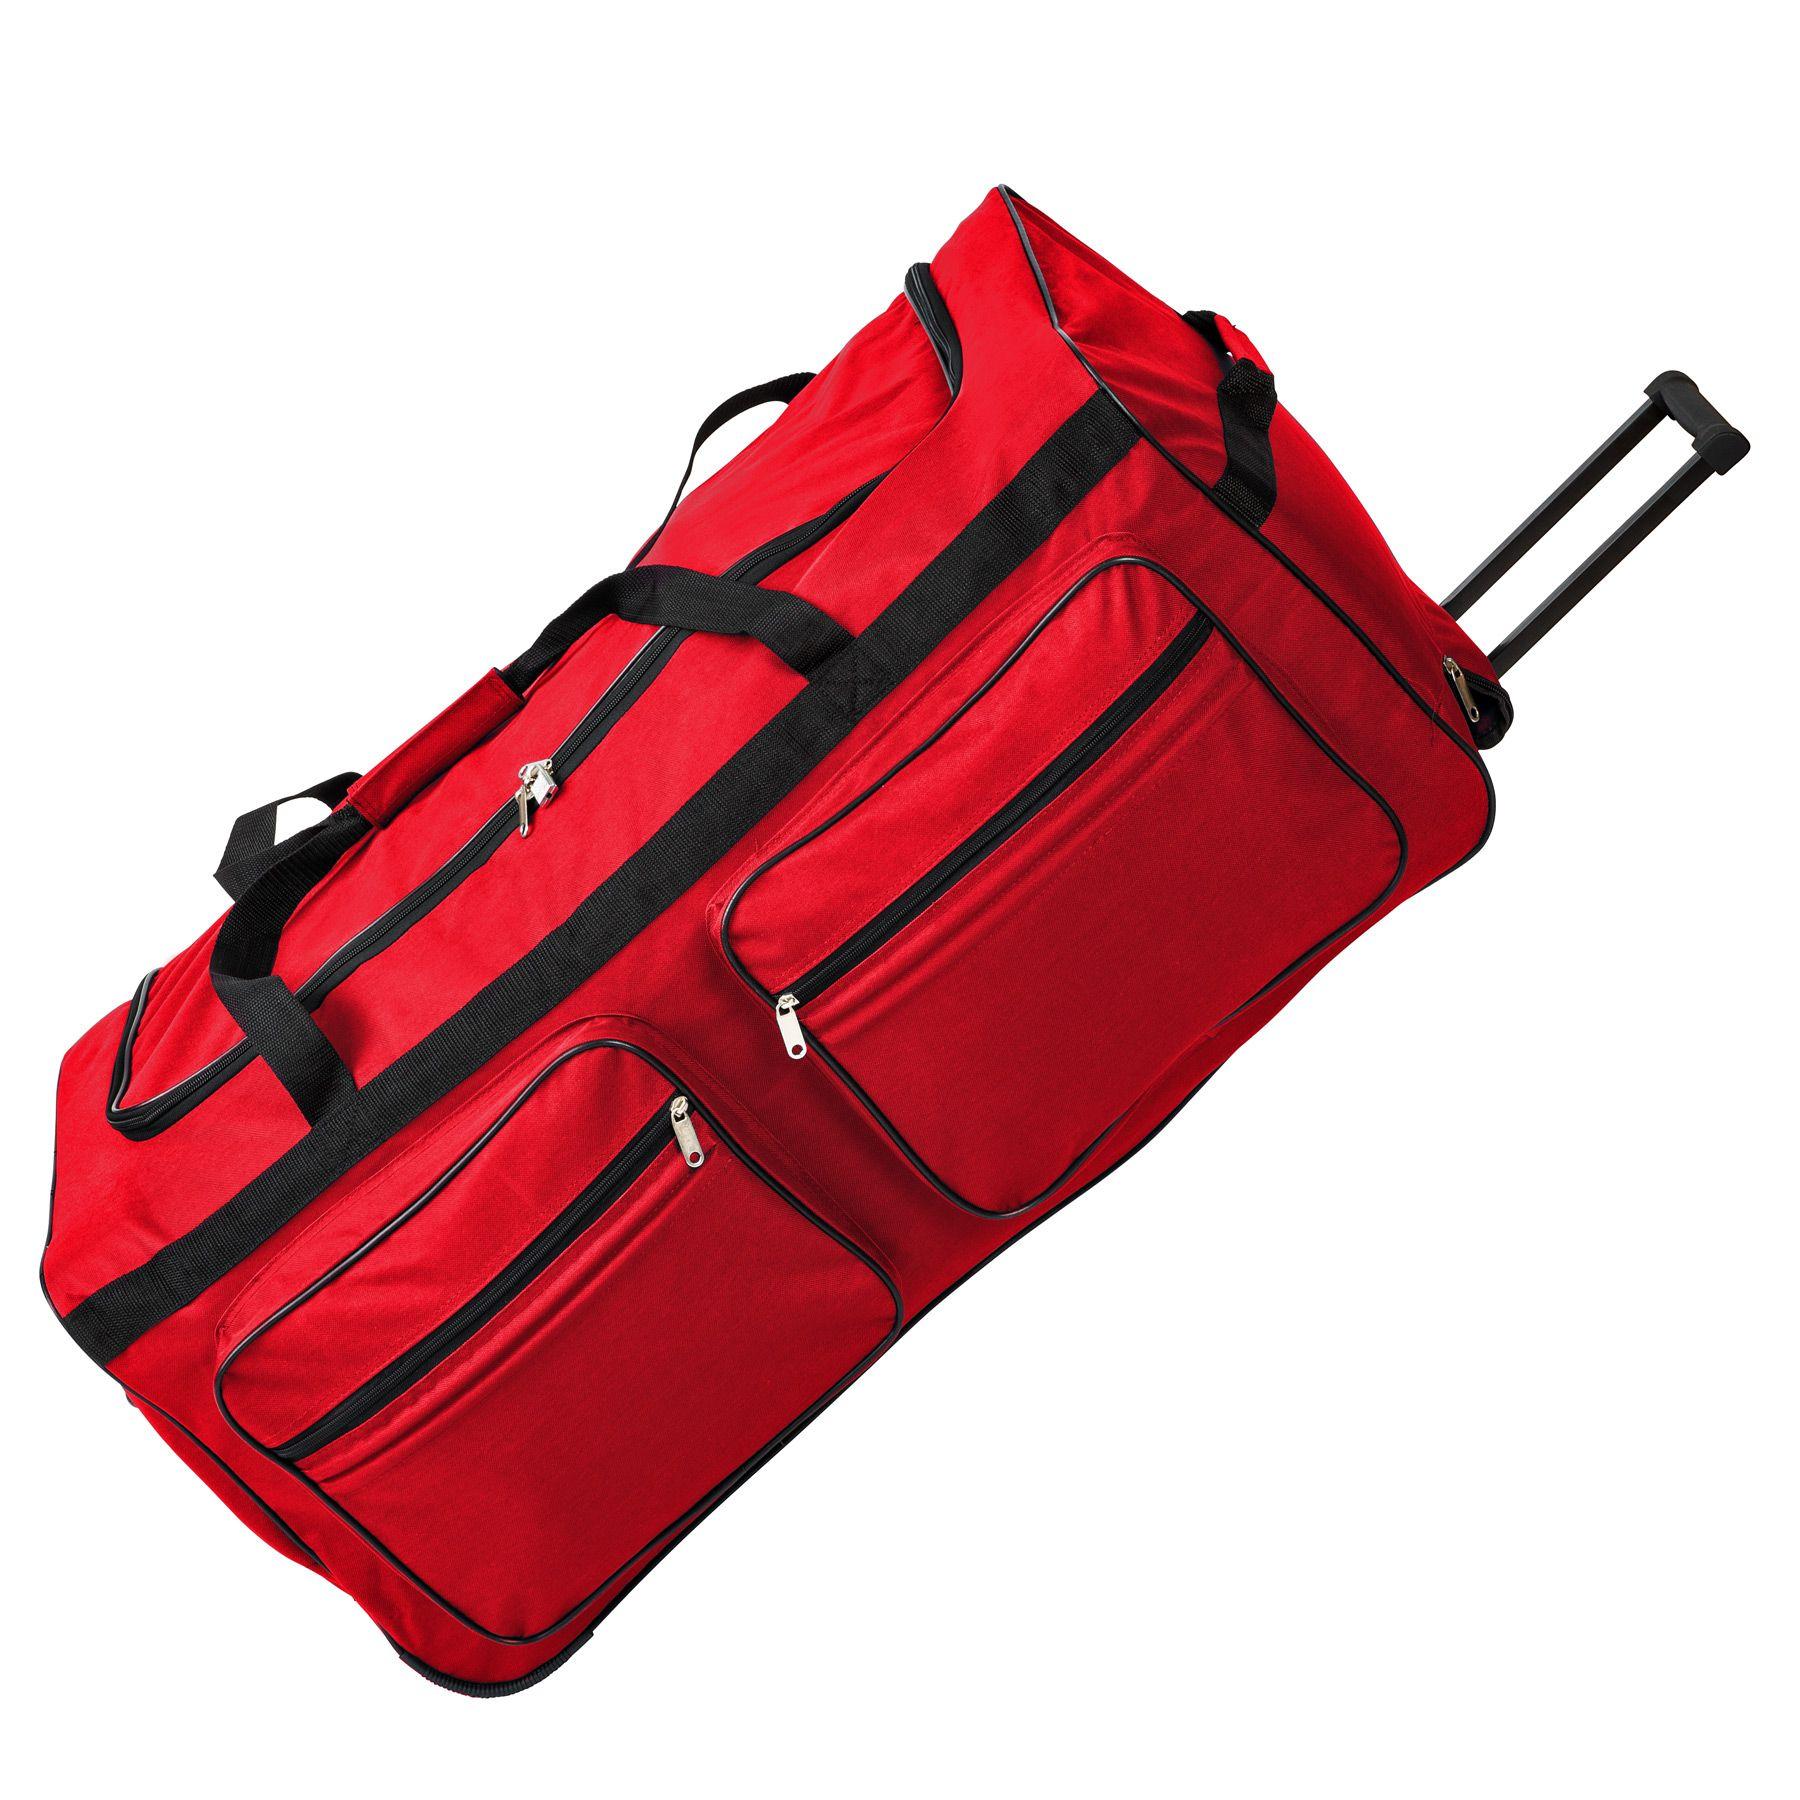 TecTake_Reisetasche_402214_3 Sac de voyage XXL valise trolley légère sport bagage à roulettes 160 litres